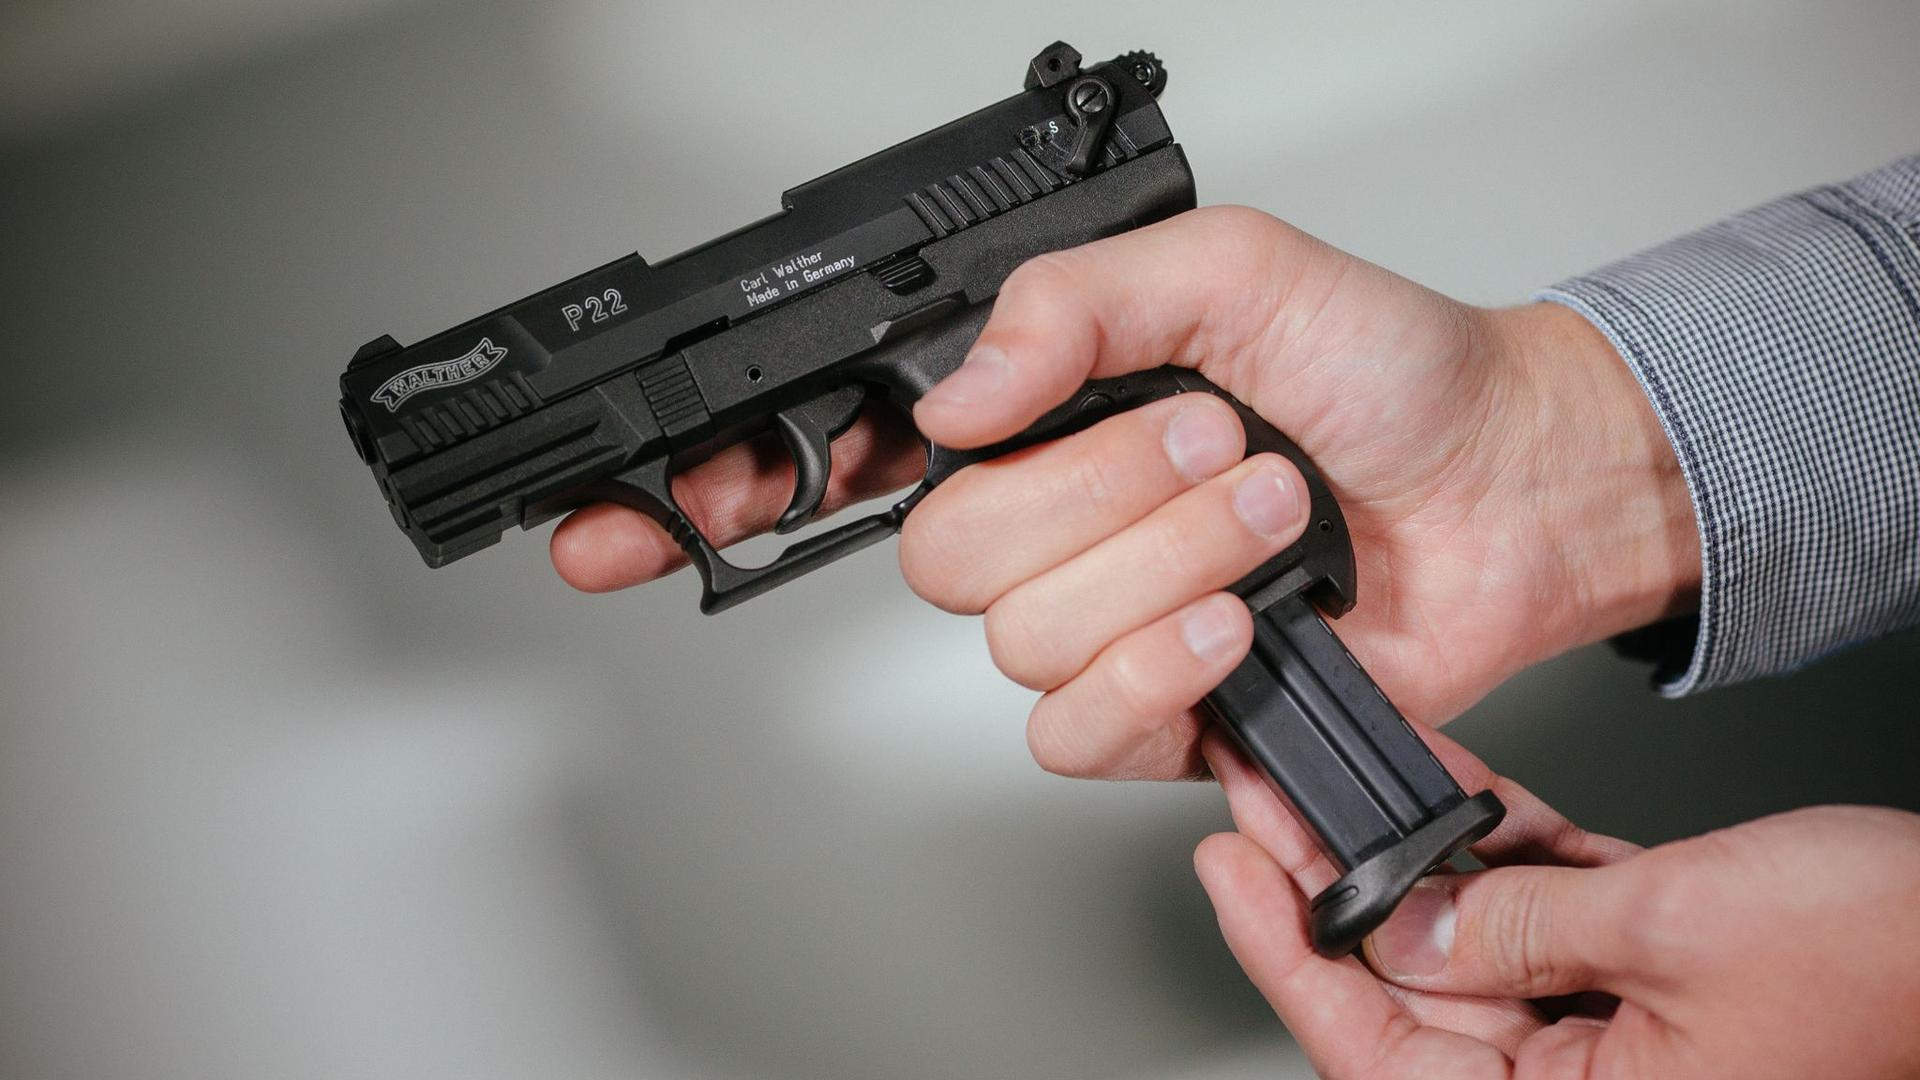 Rund 250 scharfe Waffen - darunter auch Kriegswaffen - hat die Polizei inSeevetal sichergestellt.